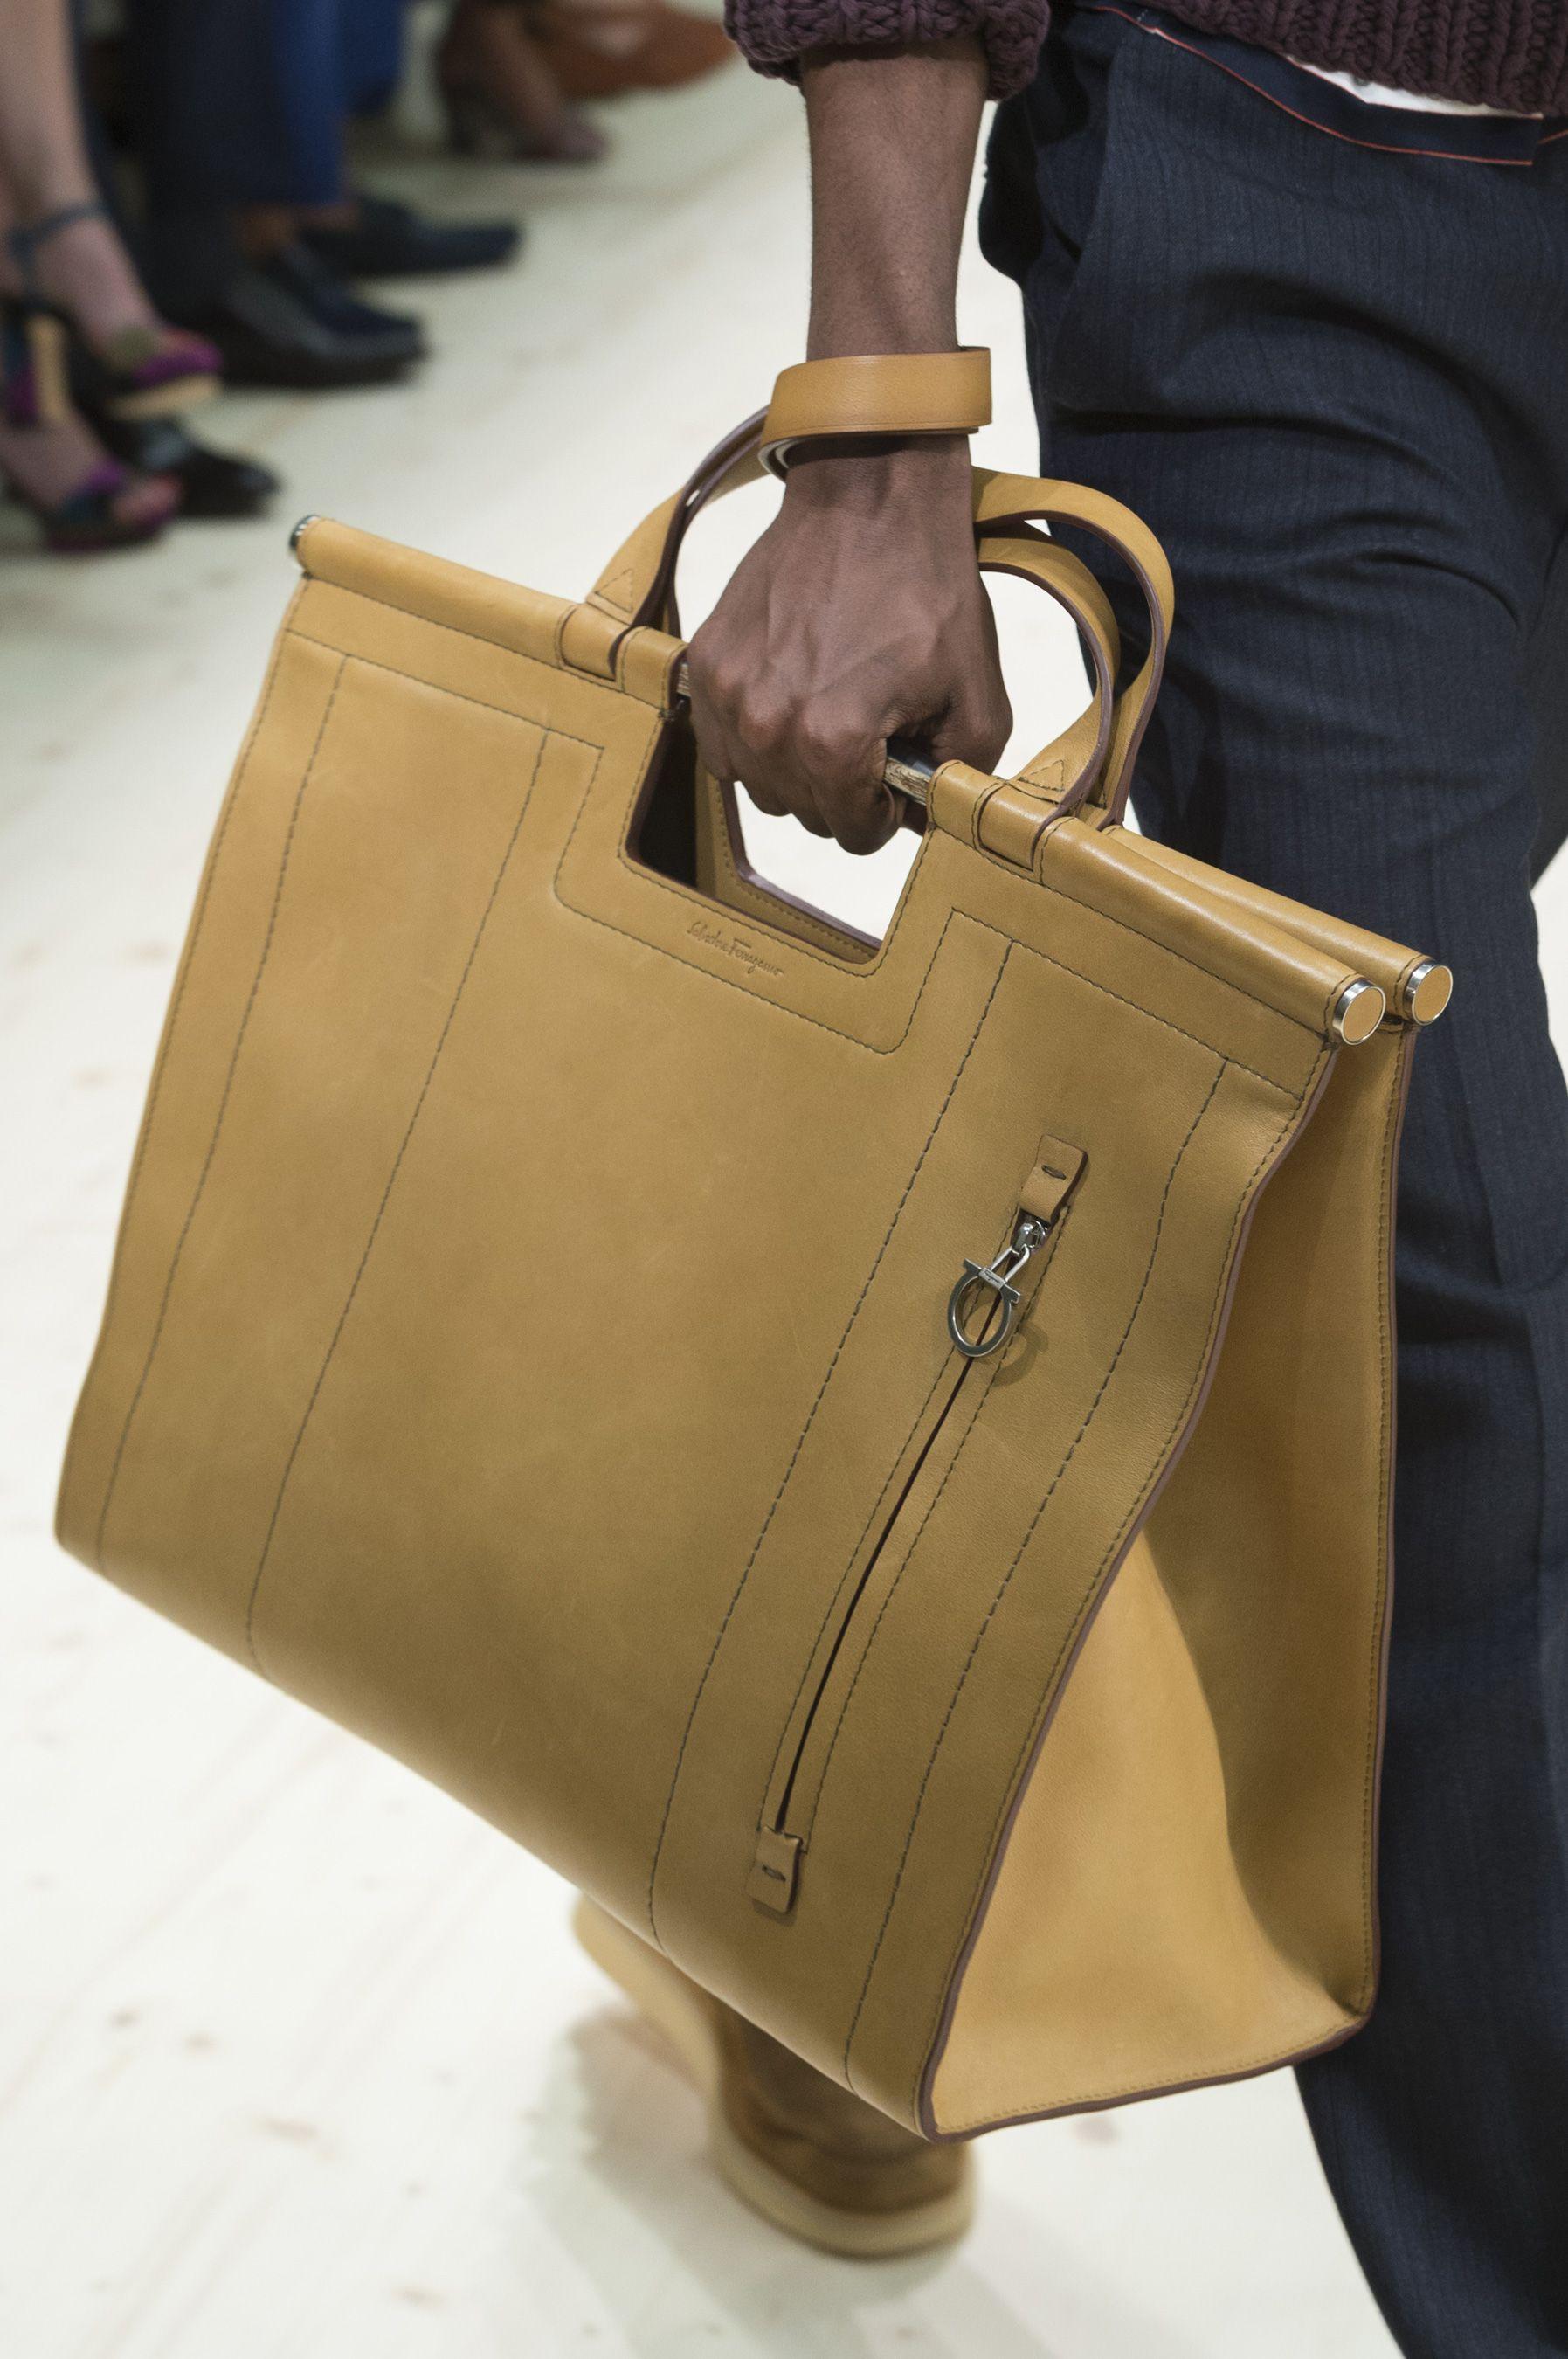 a60d4c7ca01 Salvatore Ferragamo Spring 2018 Men s Fashion Show Details -  purse  handbag   pocketbook The Impression